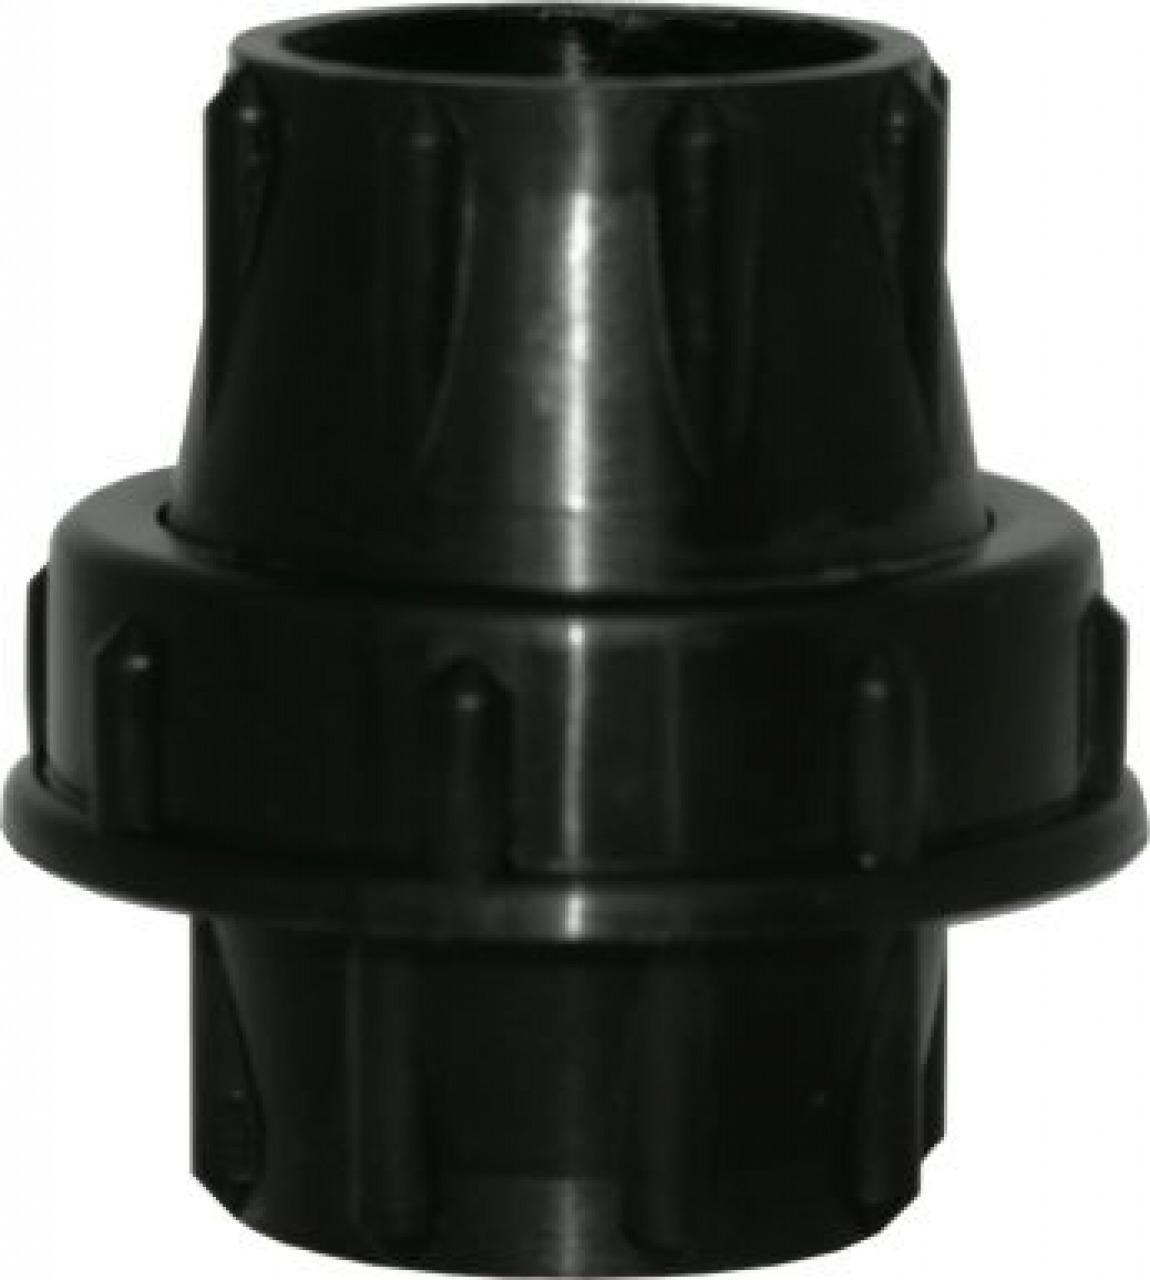 UNIAO EM PLASTICO PARA TUBO DE 63MM (C/BORRACHA)